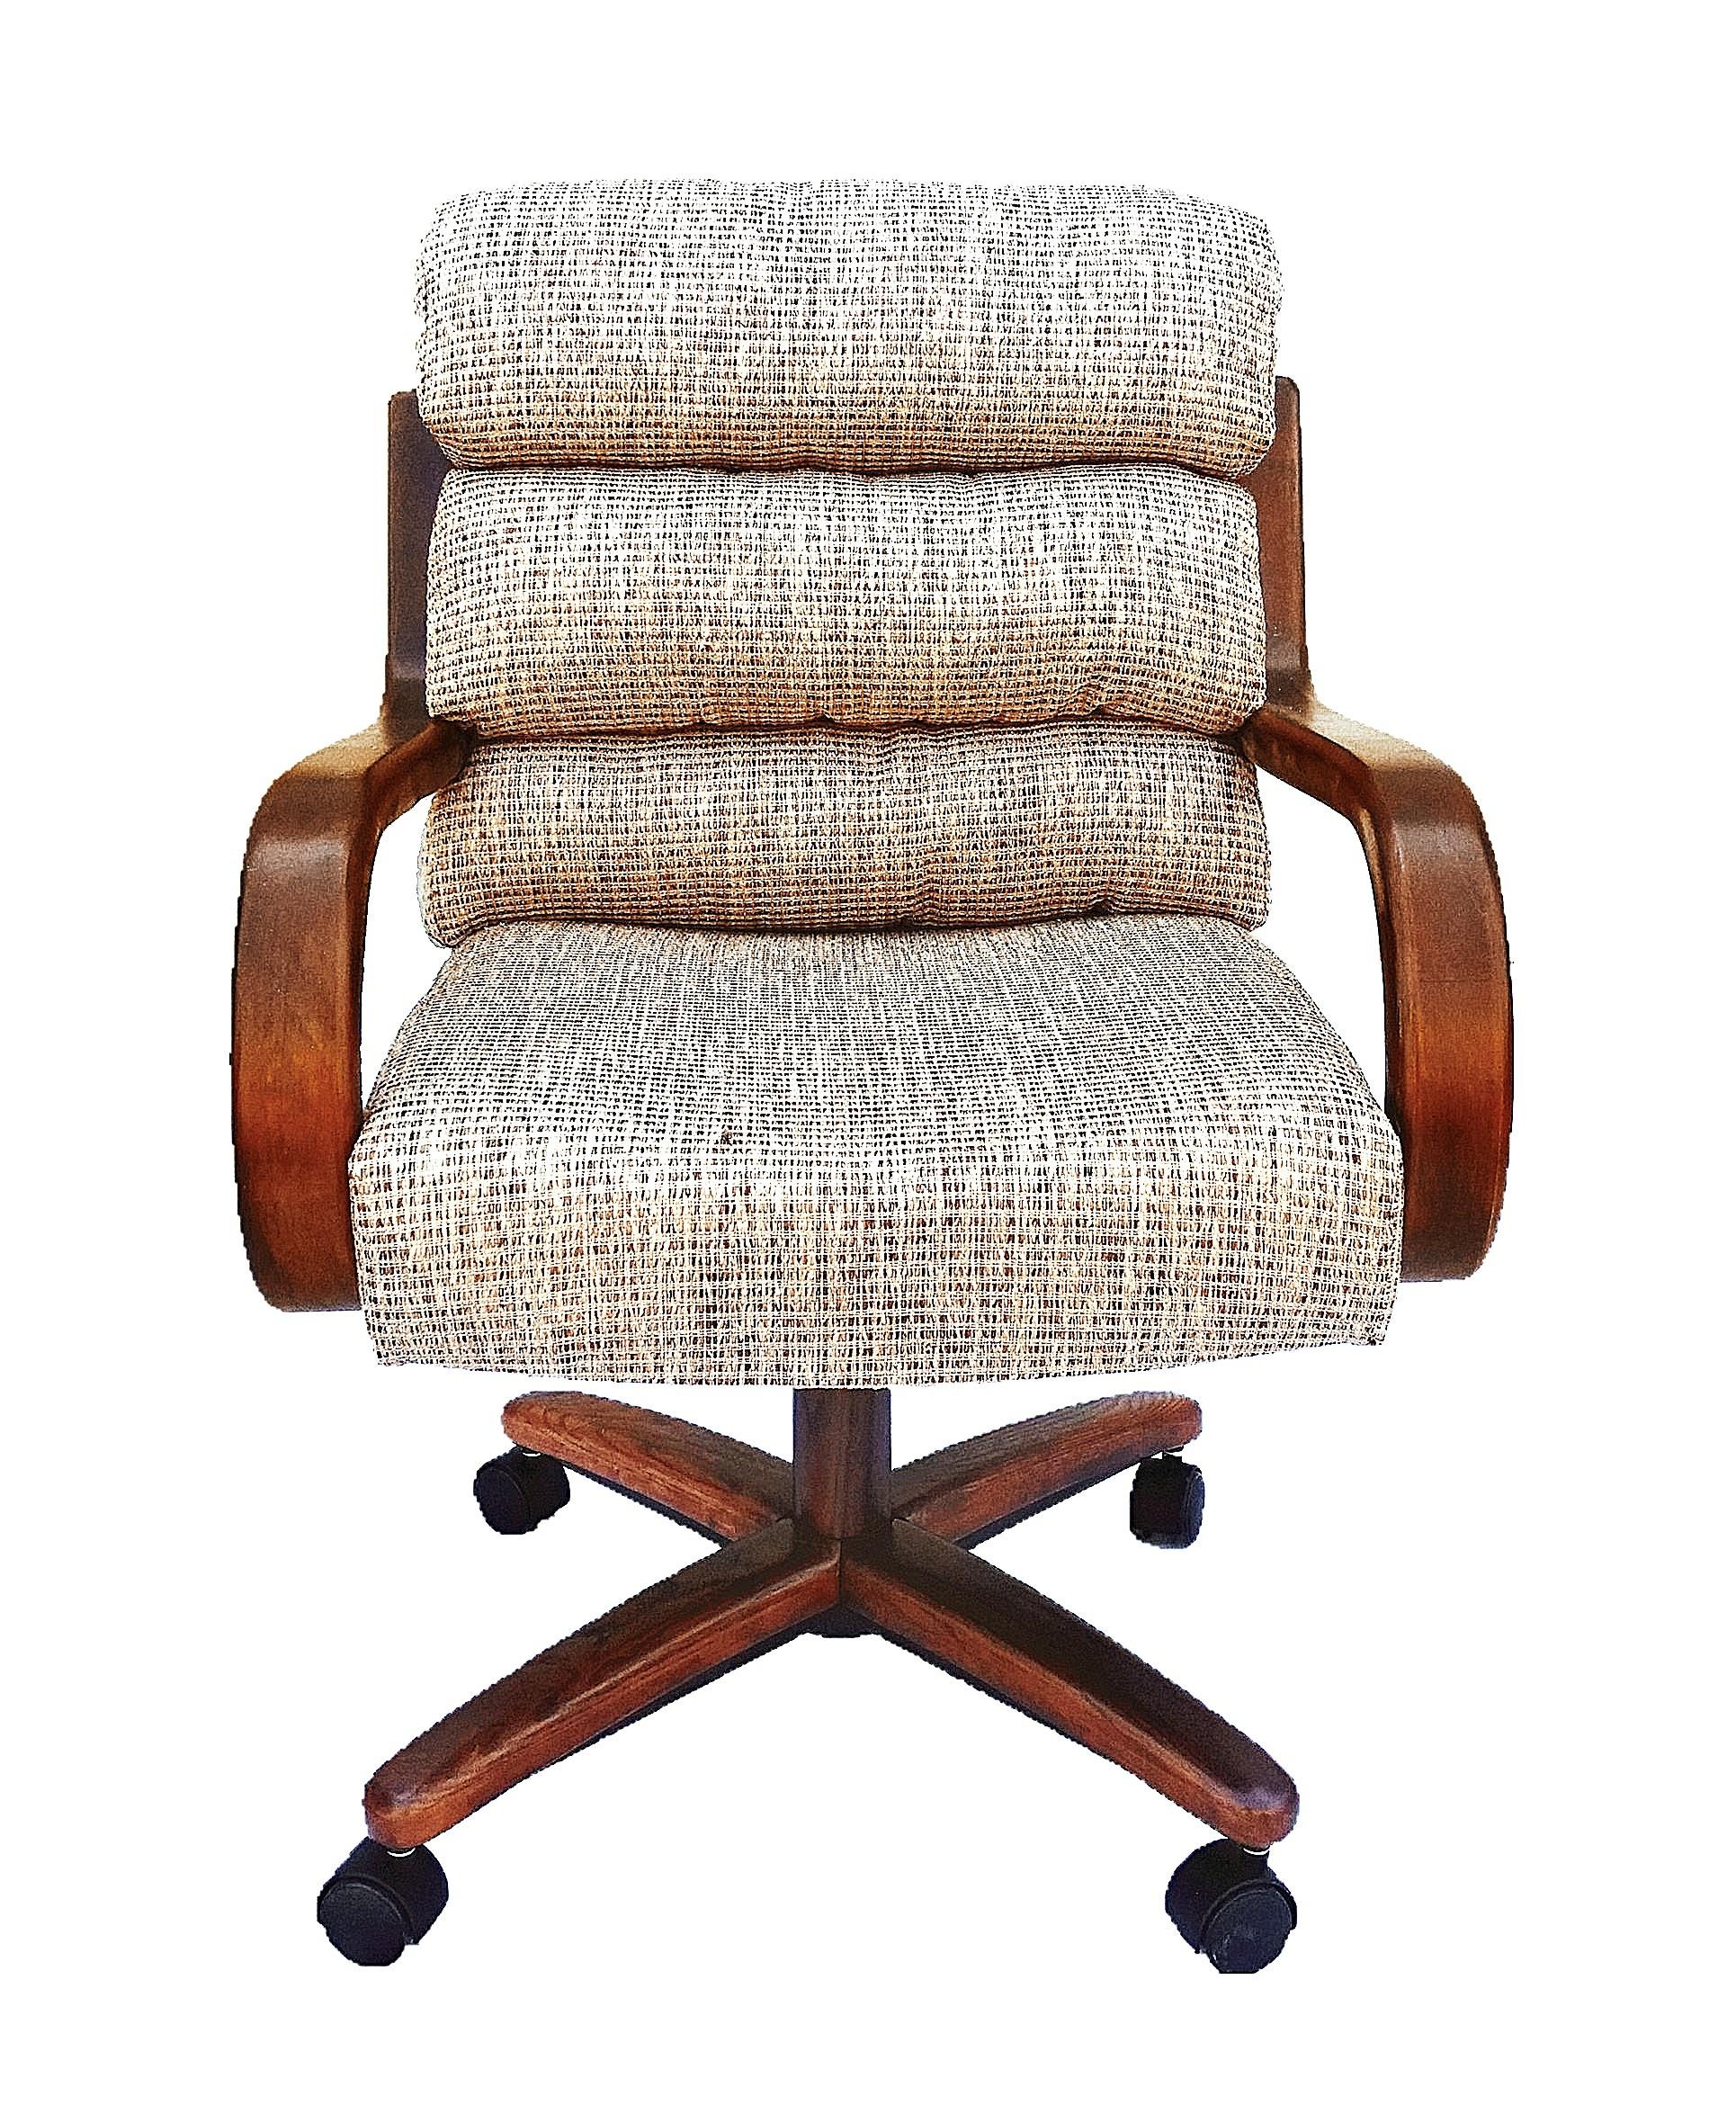 Chromcraft Furniture C137 936 Swivel Tilt Caster Dinette